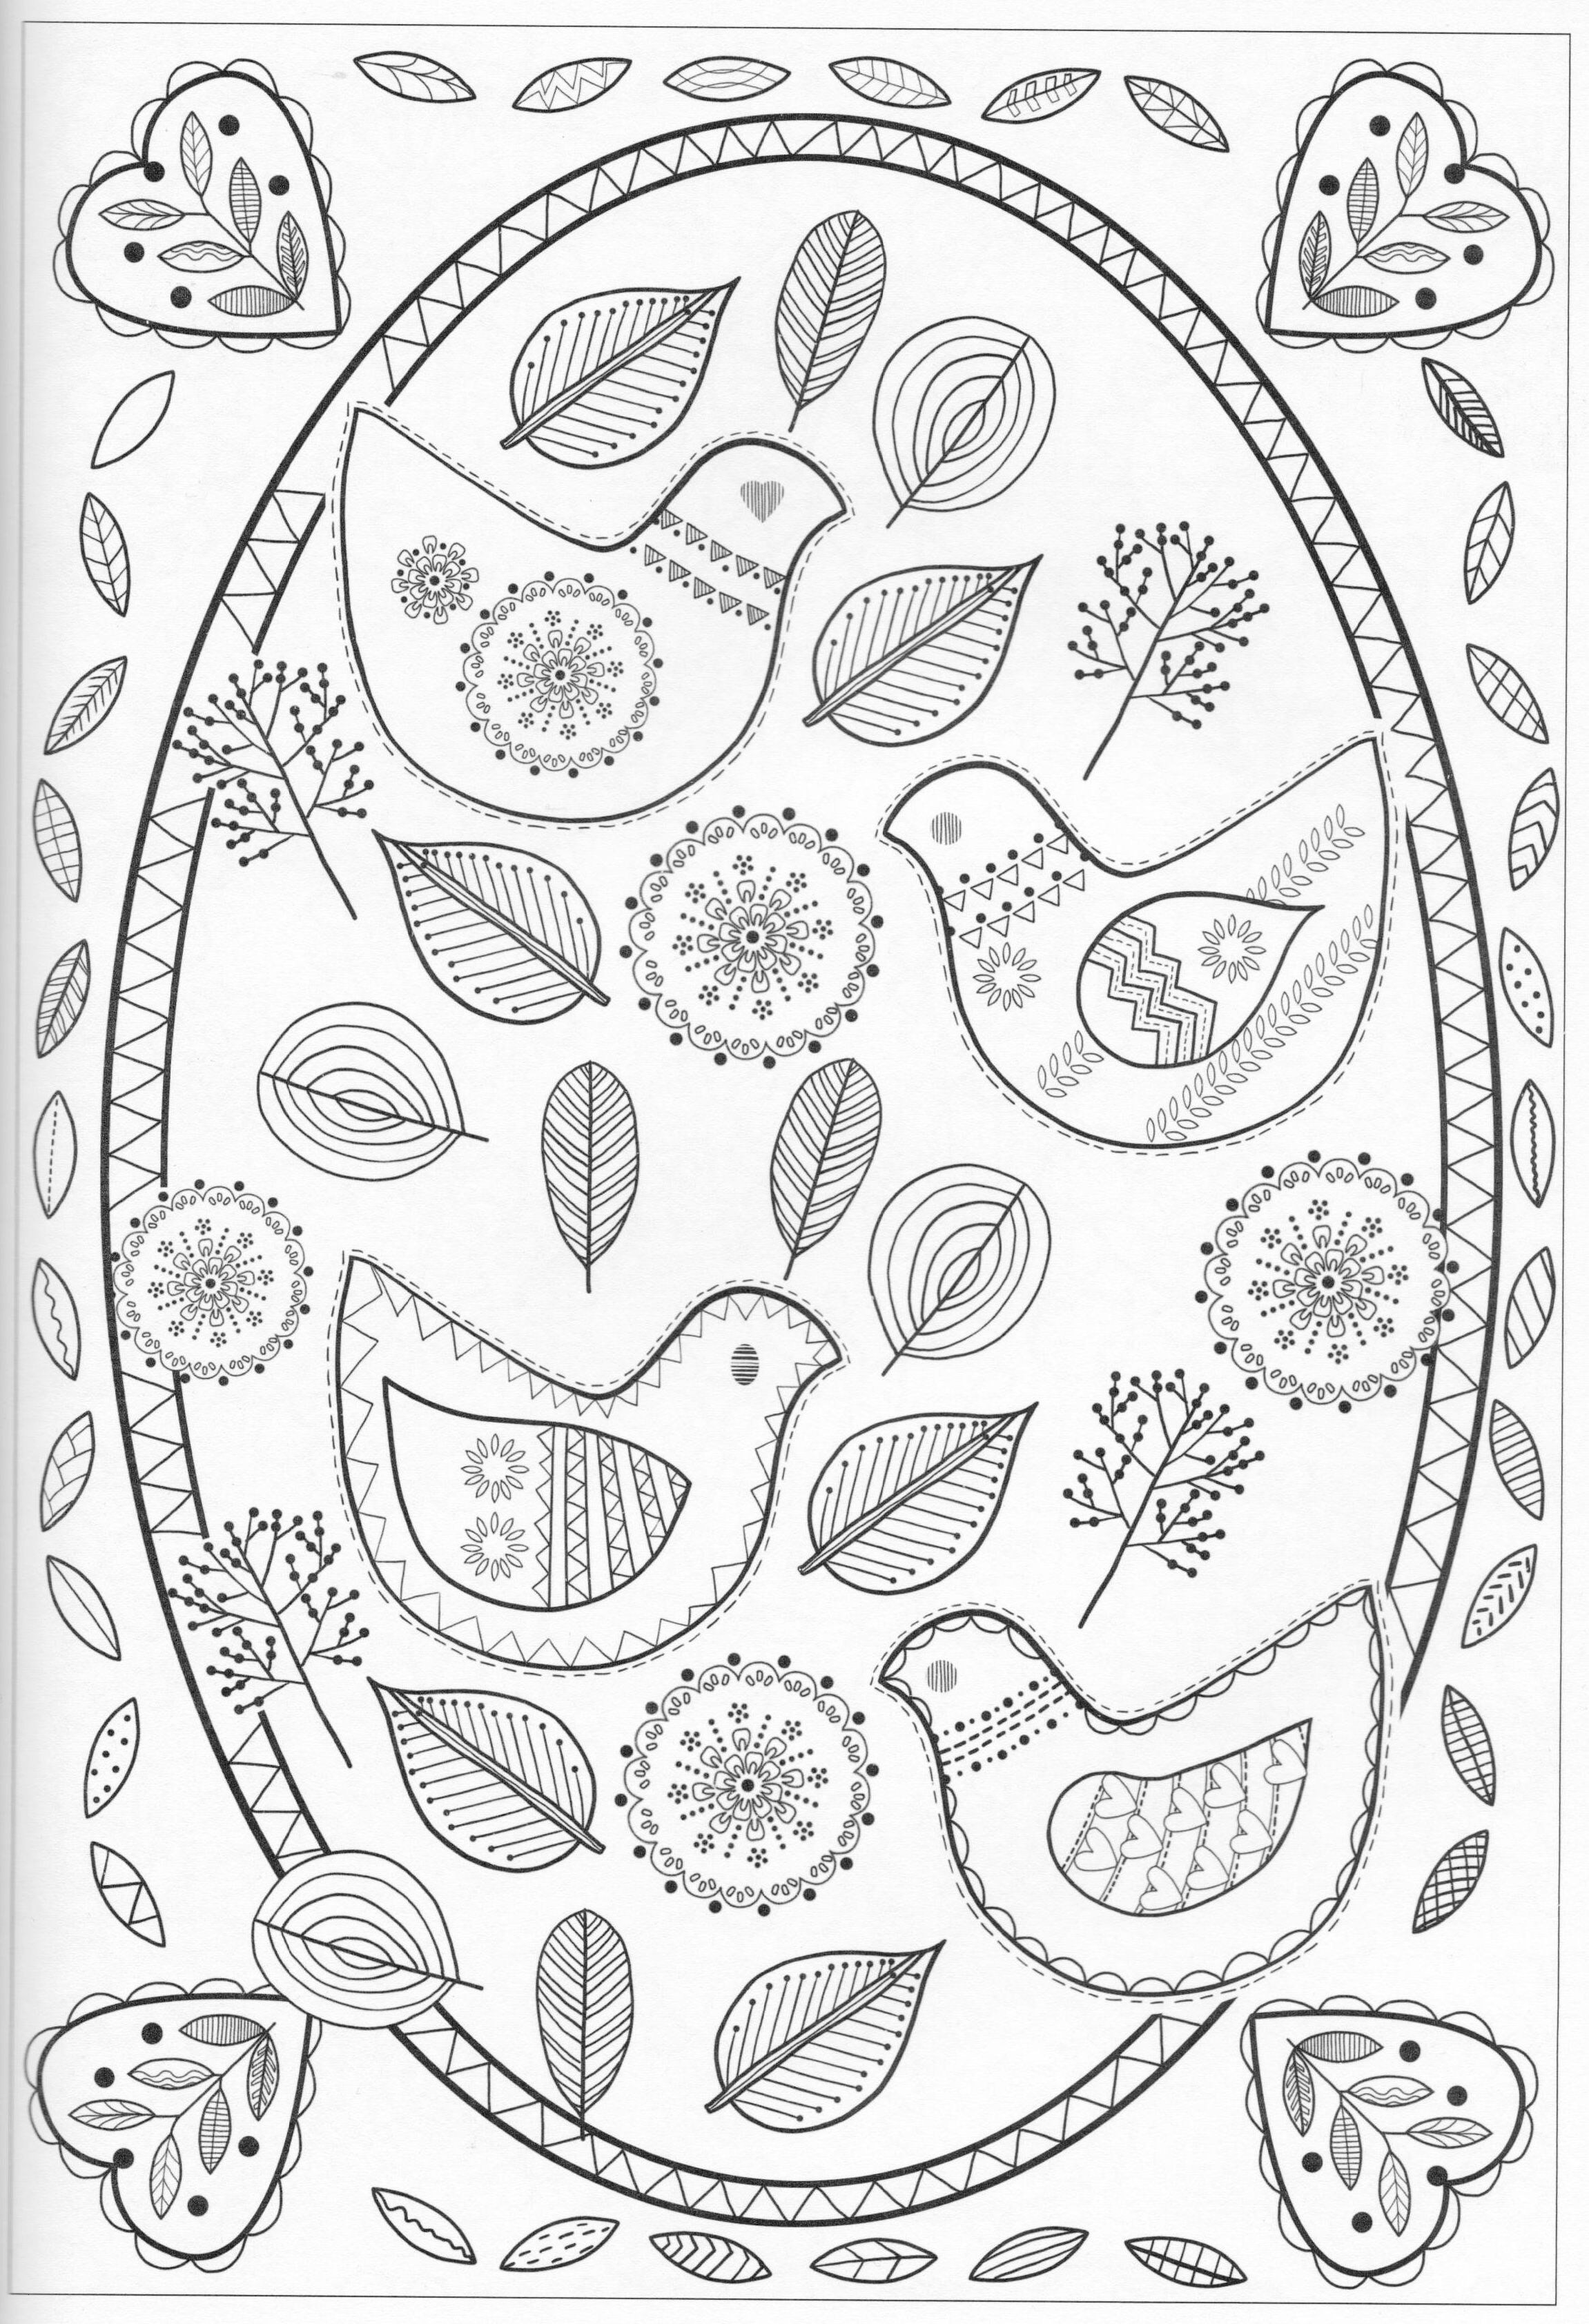 Ausmalbilder Mandala Herzen Frisch Mandala Nashorn Ausmalbilder Pinterest Genial Ausmalbilder Mandalas Stock